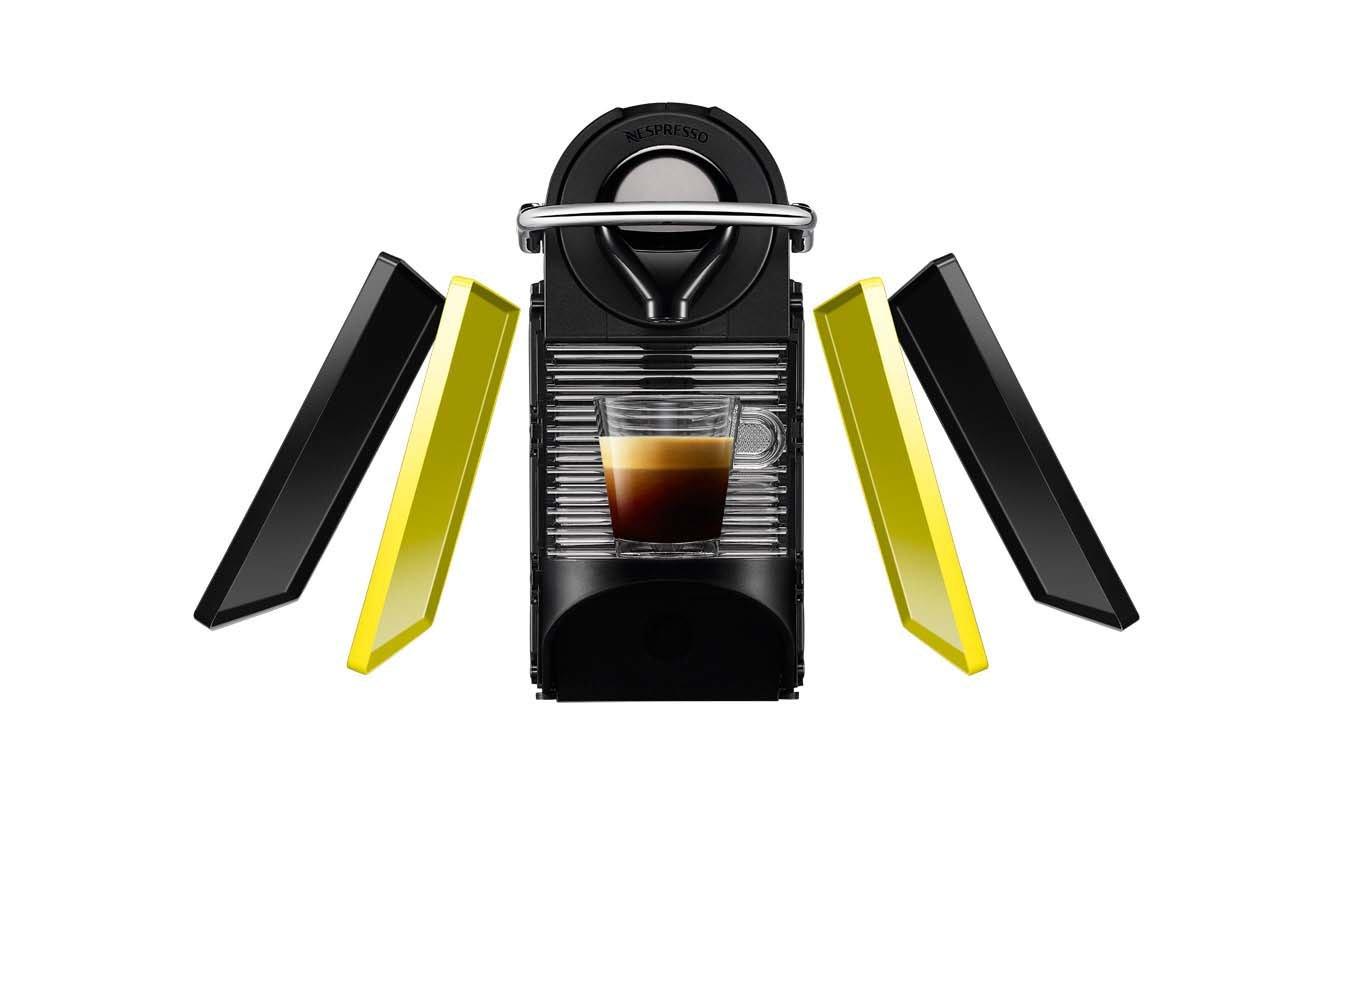 bandeja extra/íble 2 programas de caf/é color amarillo y negro Cafetera de c/ápsulas de 19 bares indicador luminoso de dep/ósito vac/ío y funci/ón de autoapagado Krups Nespresso Pixie Clips XN3020